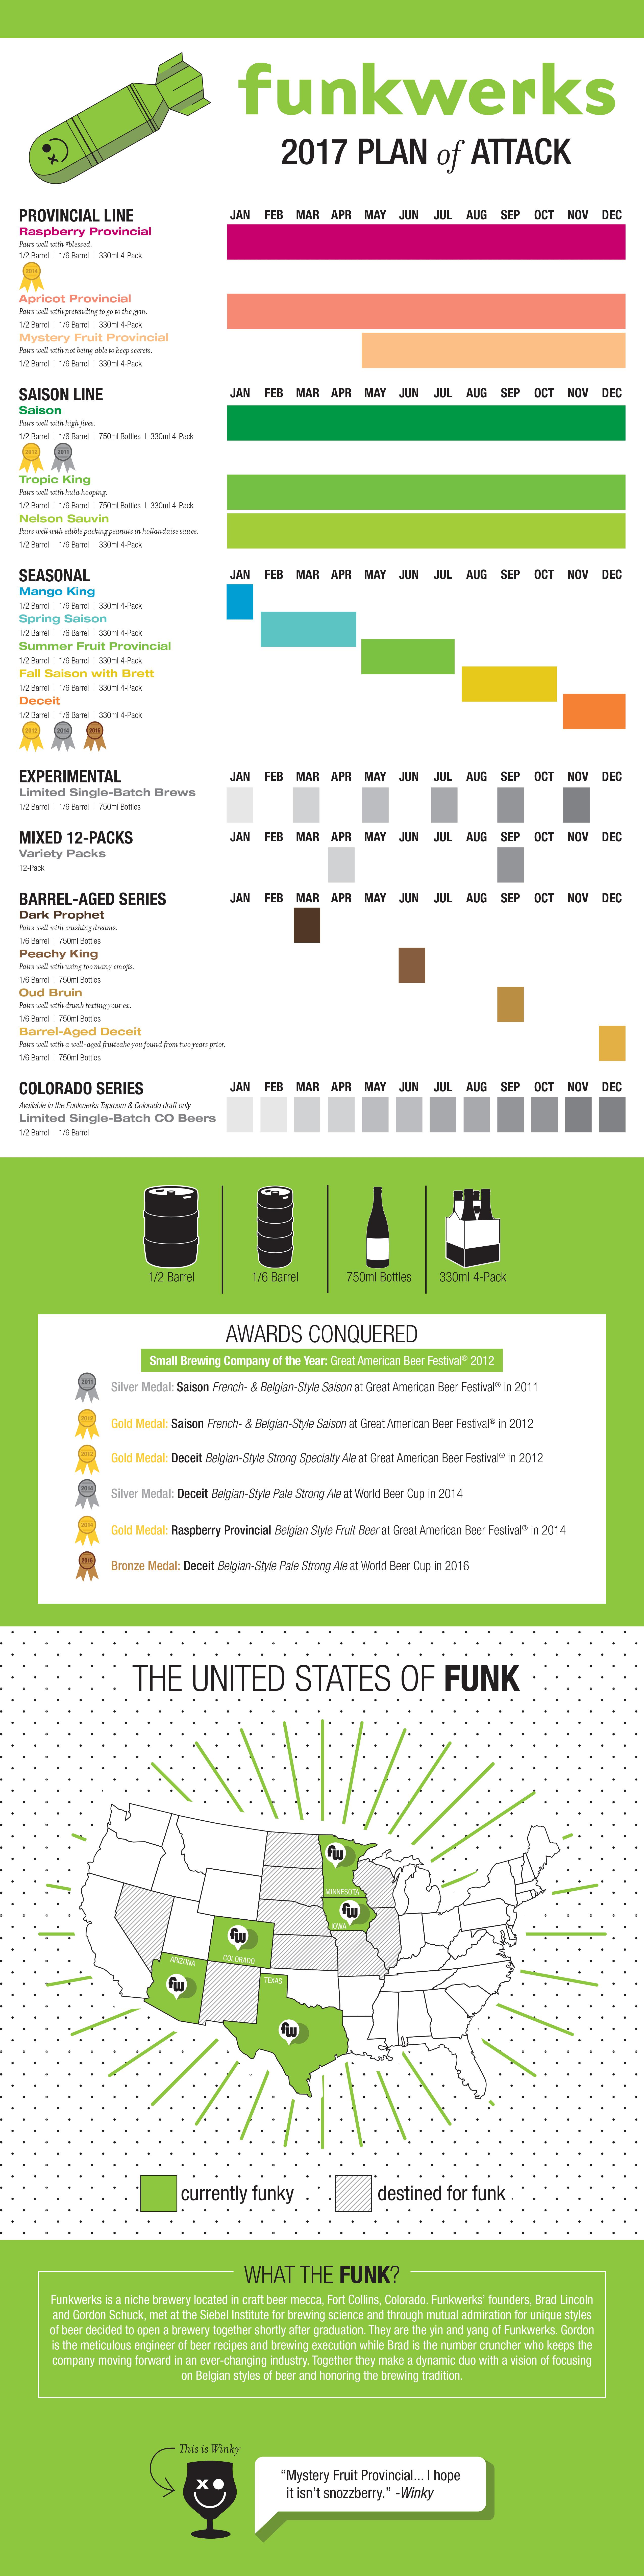 2017 Funkwerks Brewery Release Calendar